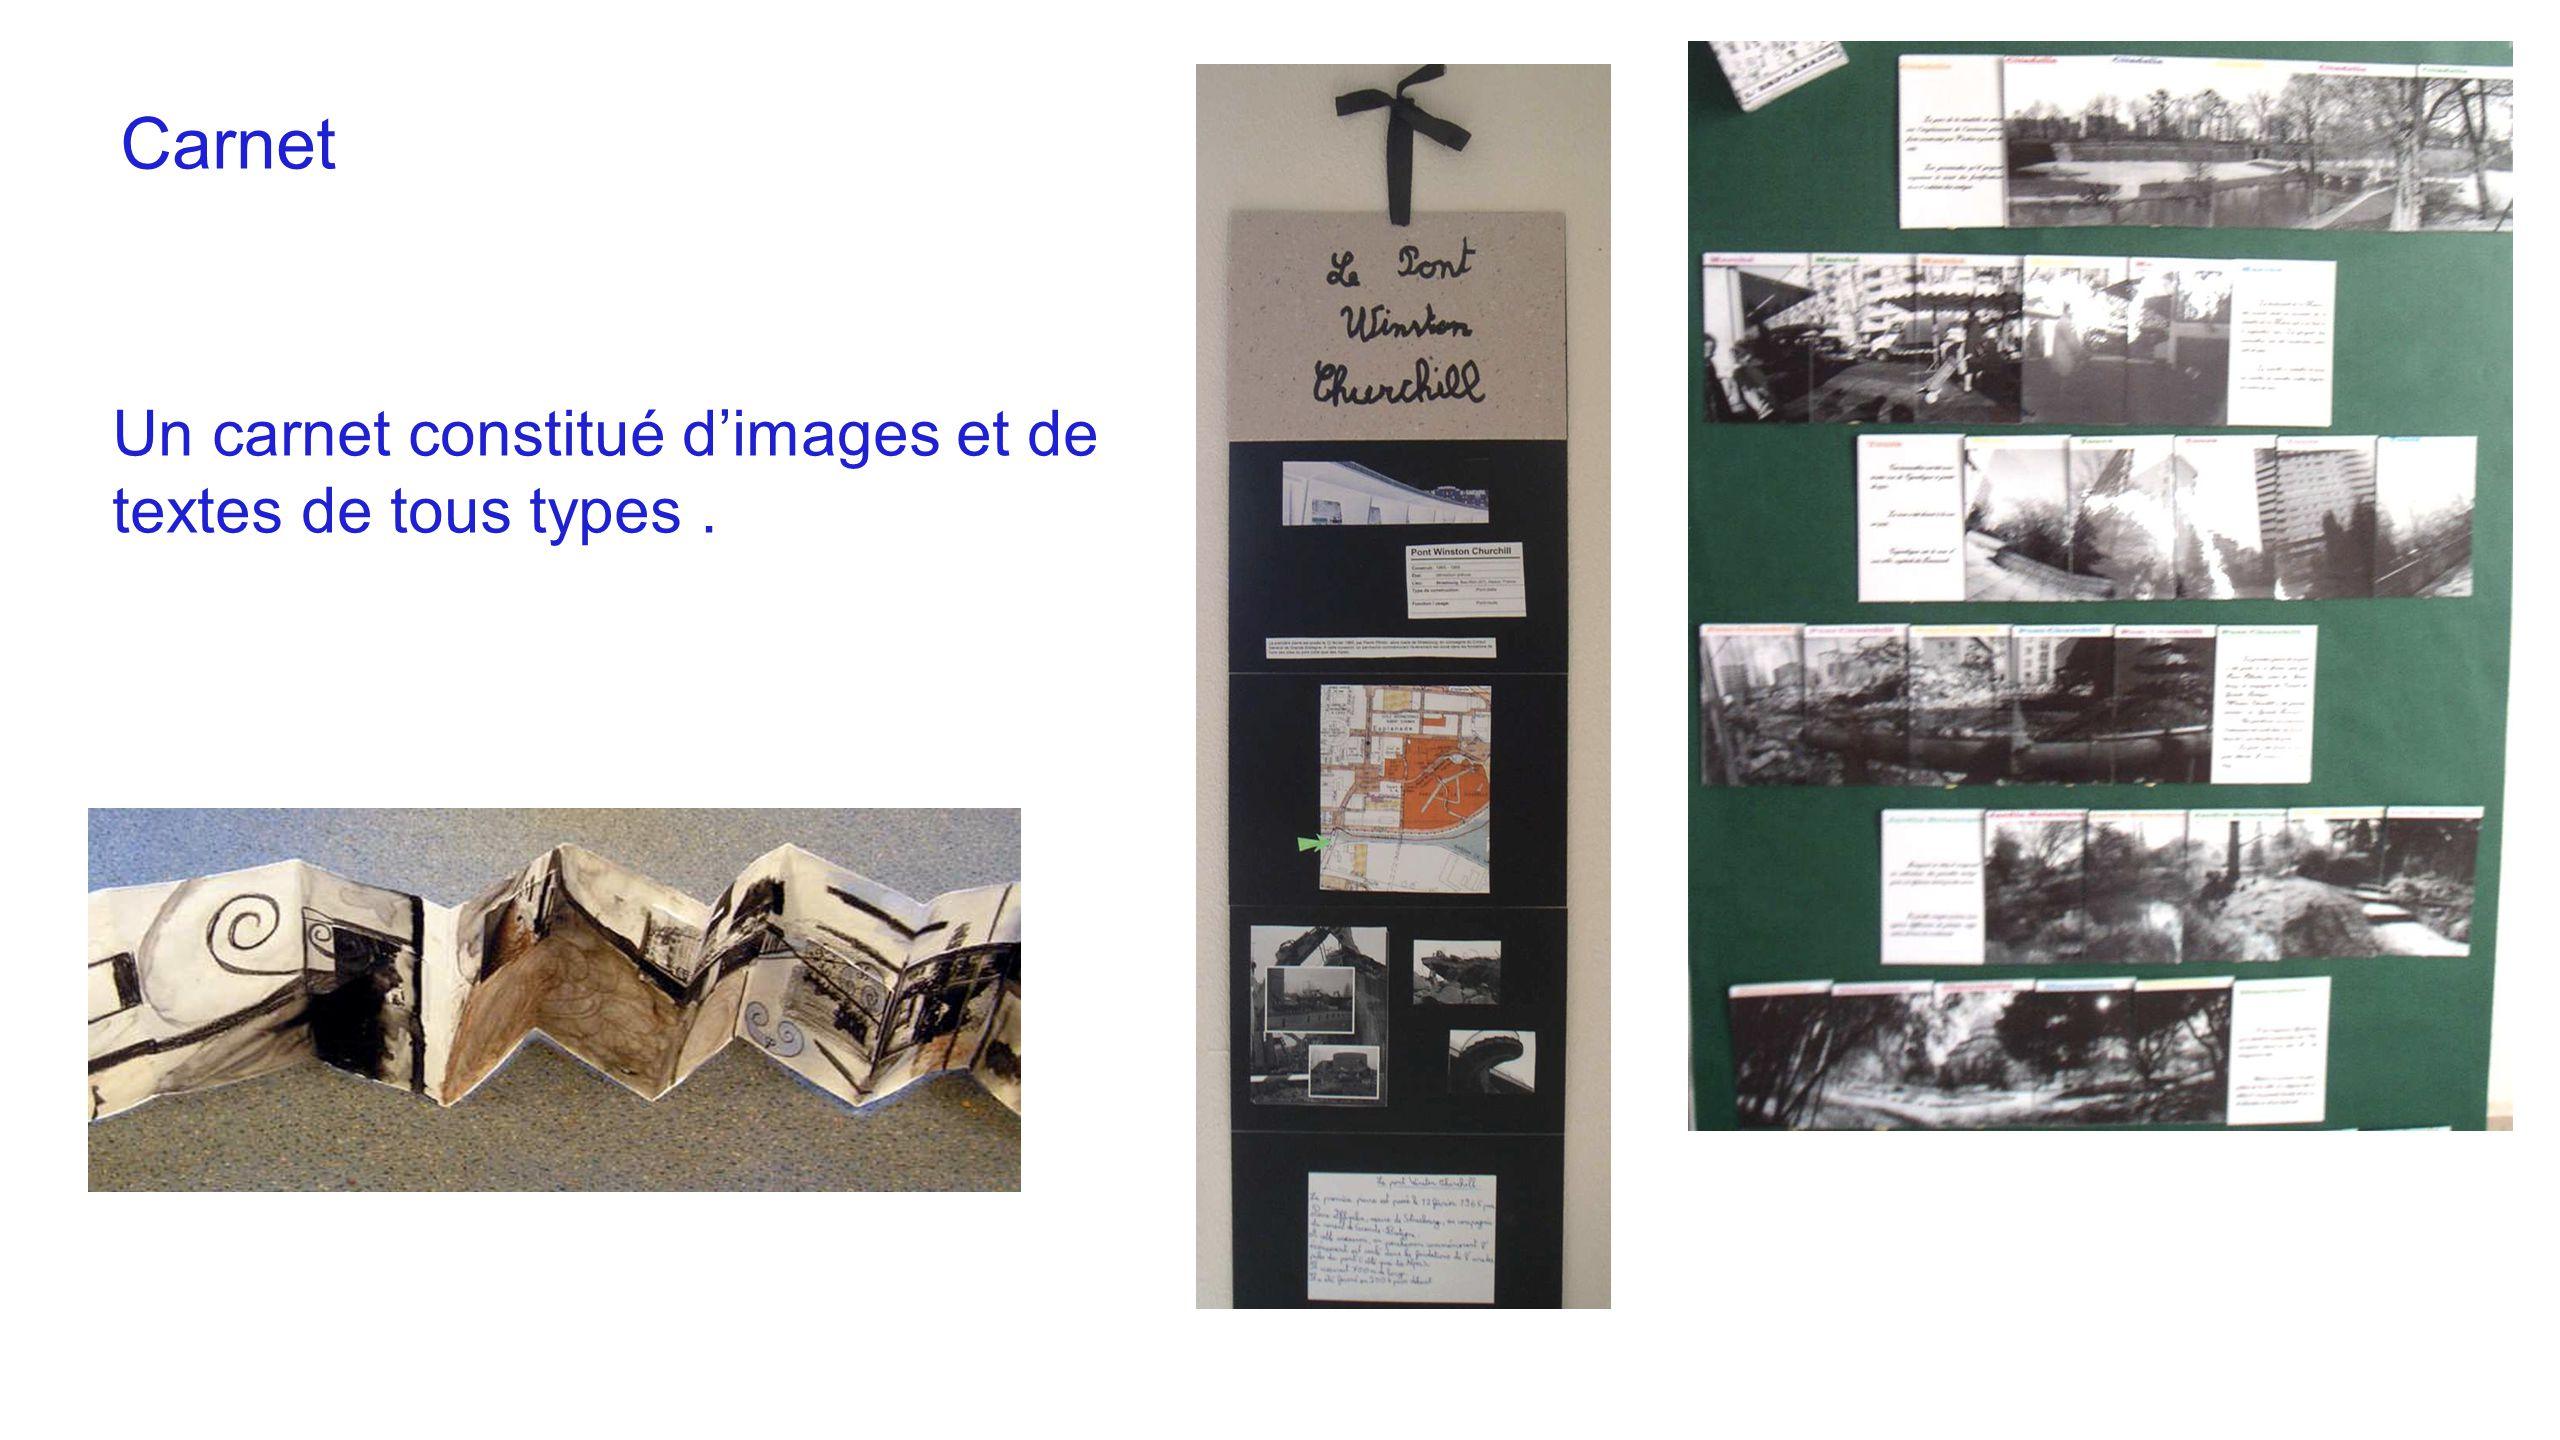 Carnet Un carnet constitué d'images et de textes de tous types.